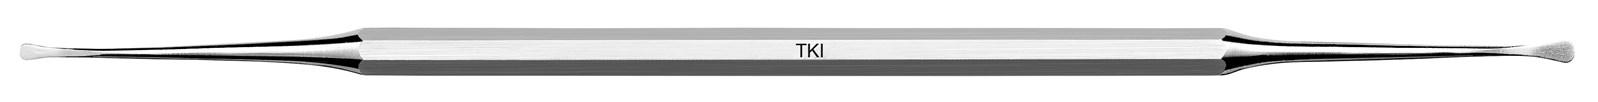 Nůž pro tunelovou techniku - TKI, ADEP fialový